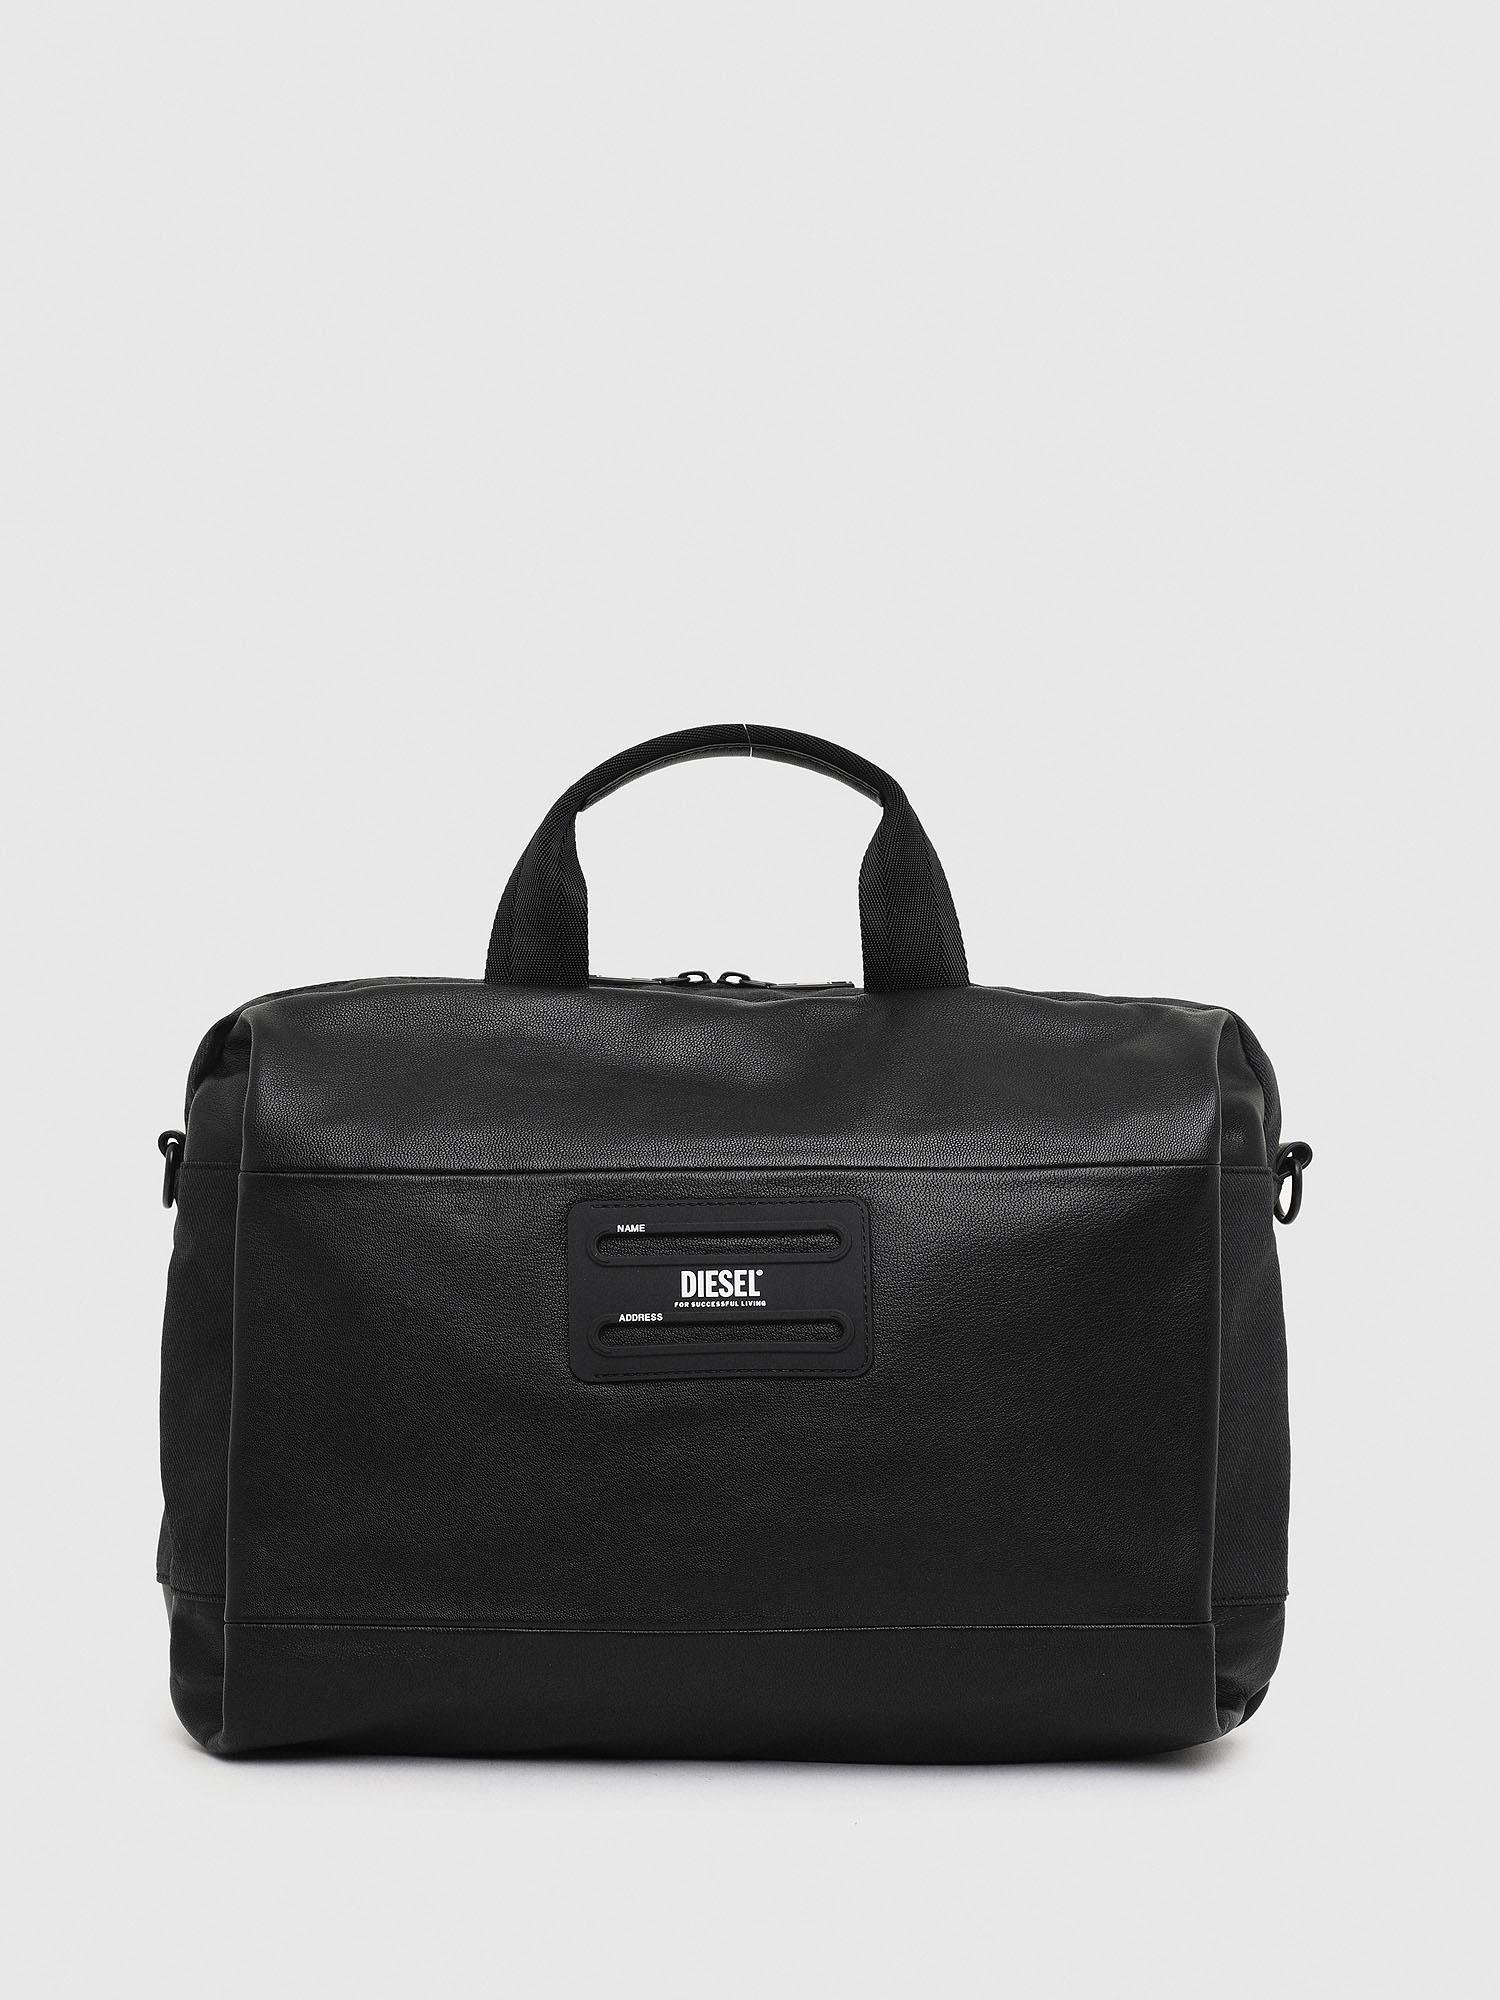 Diesel Briefcases P3177 - Black